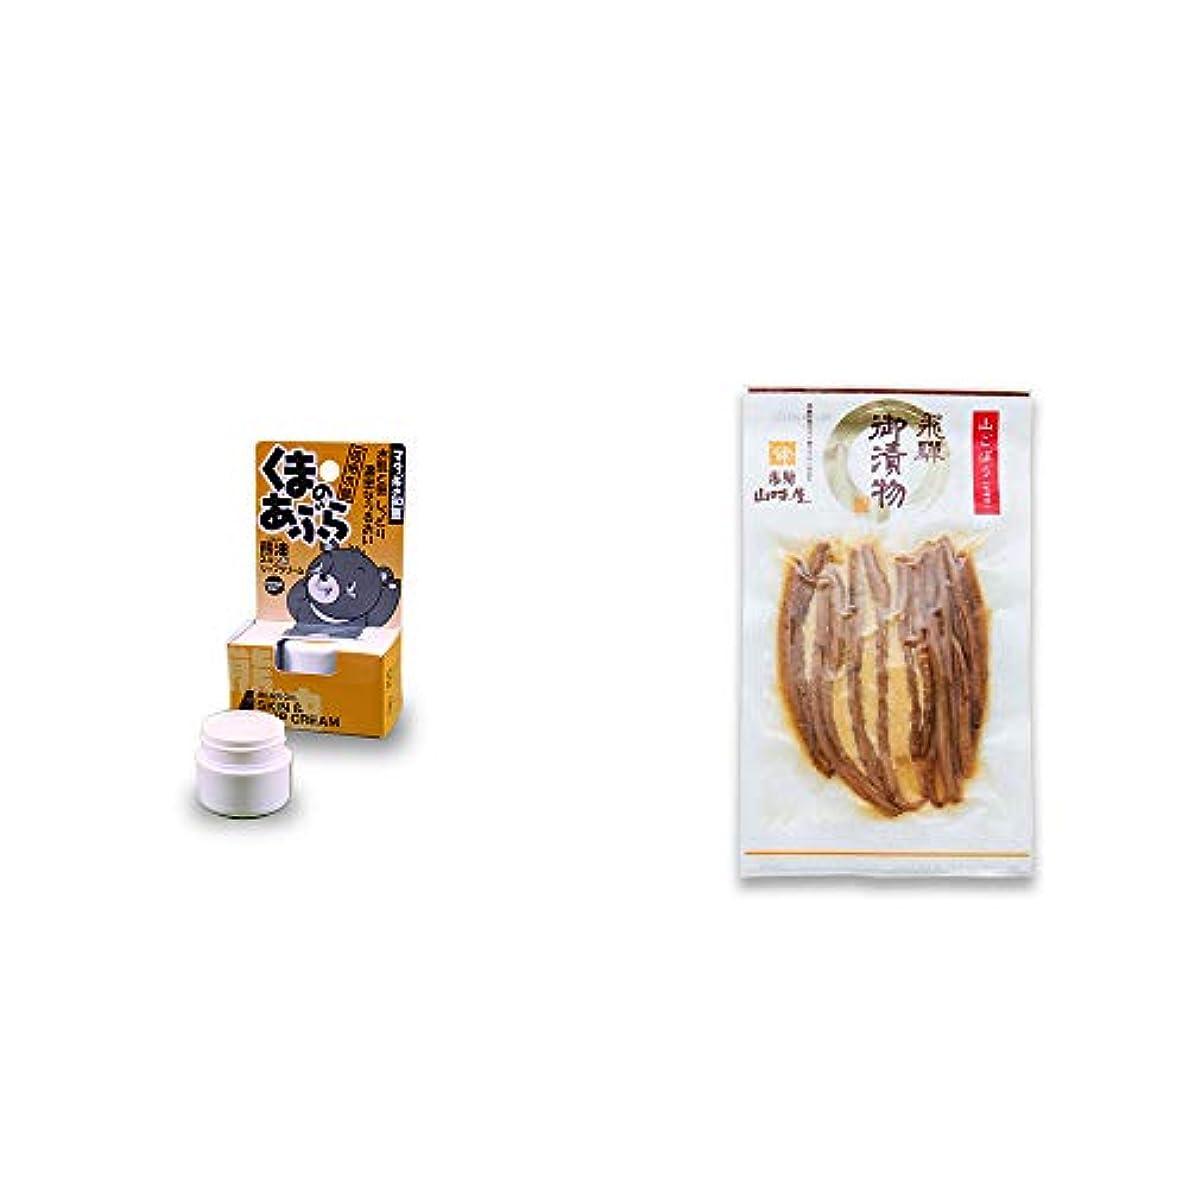 古くなったスポンジクレデンシャル[2点セット] 信州木曽 くまのあぶら 熊油スキン&リップクリーム(9g)?飛騨山味屋 山ごぼう味噌漬(80g)